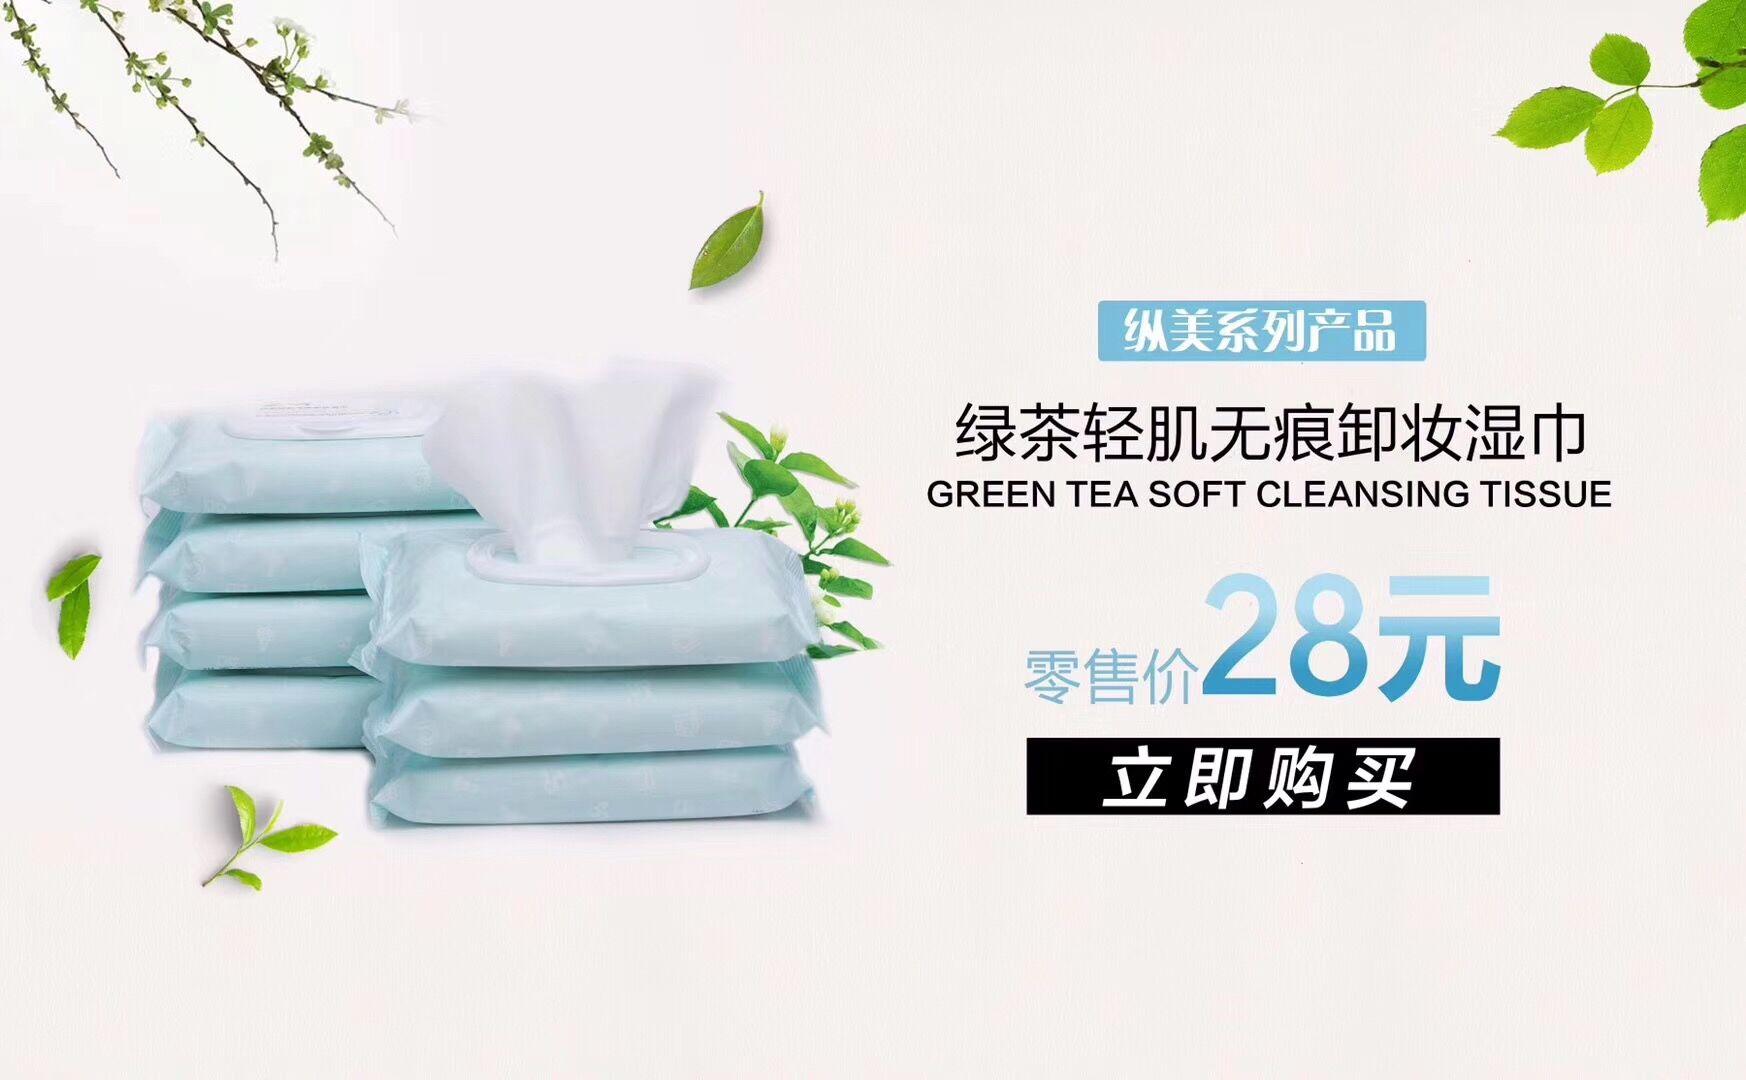 卸妆湿巾的原液_品牌好的绿茶轻肌无痕卸妆湿巾厂商直销